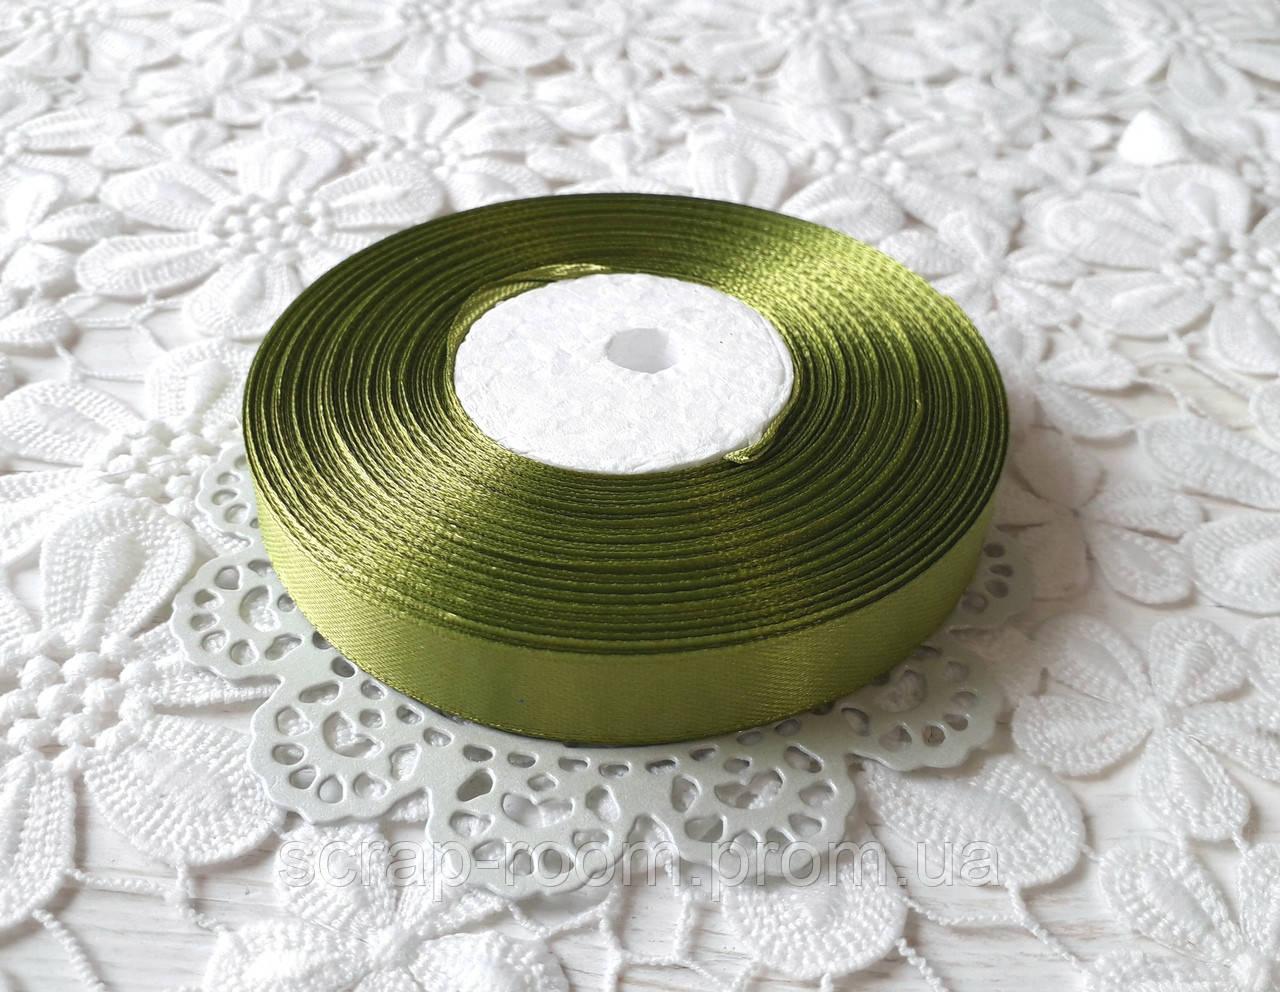 Лента атласная 1,2 см оливковая, лента оливковая атлас, лента атласная оливковая, цена за метр